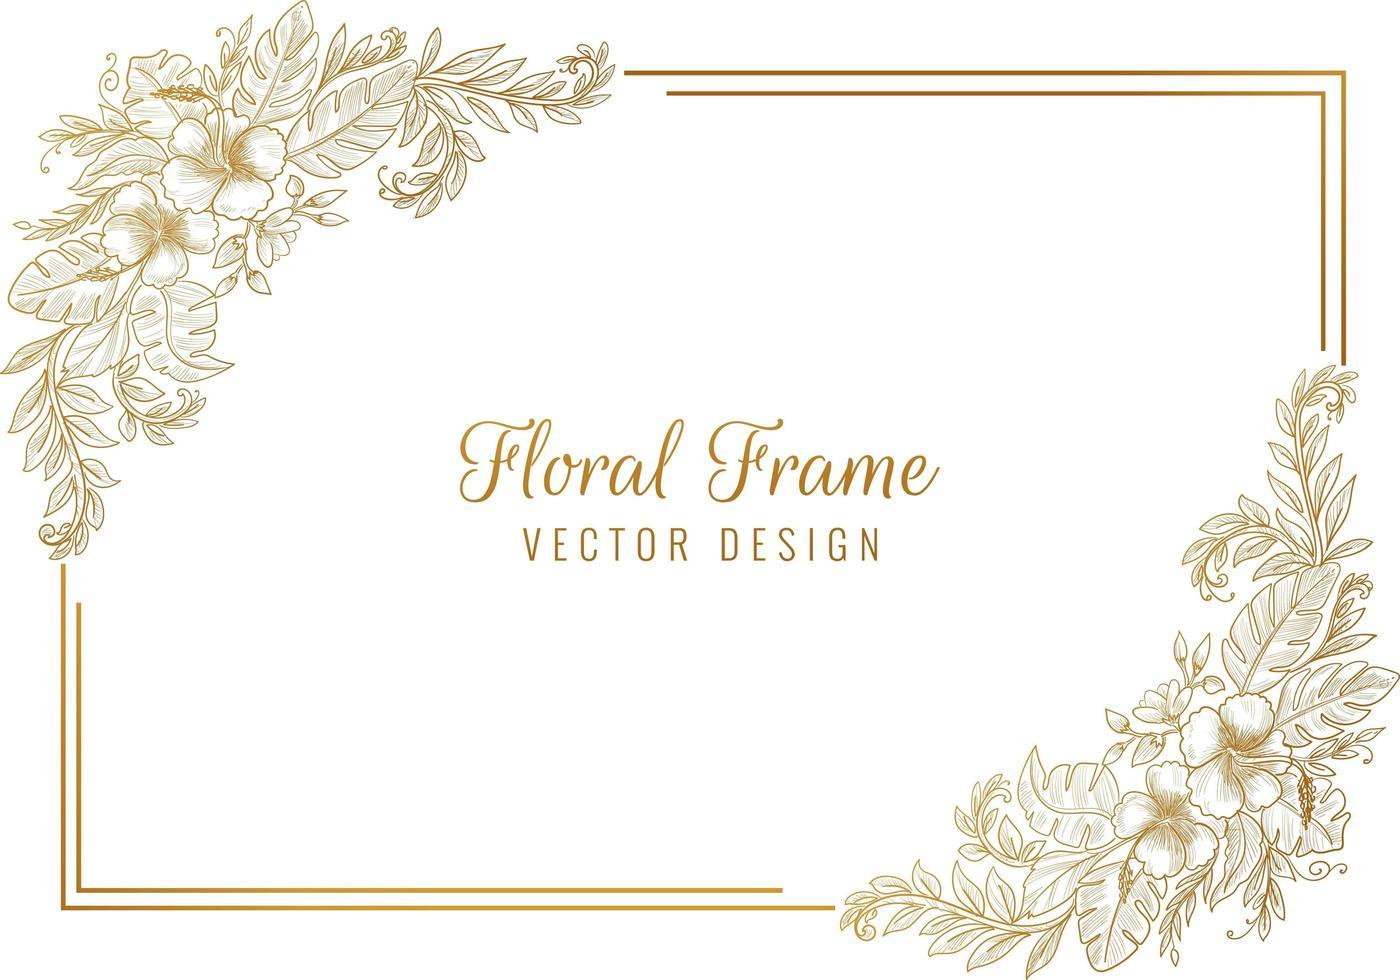 artistieke schets floral frame achtergrond vector